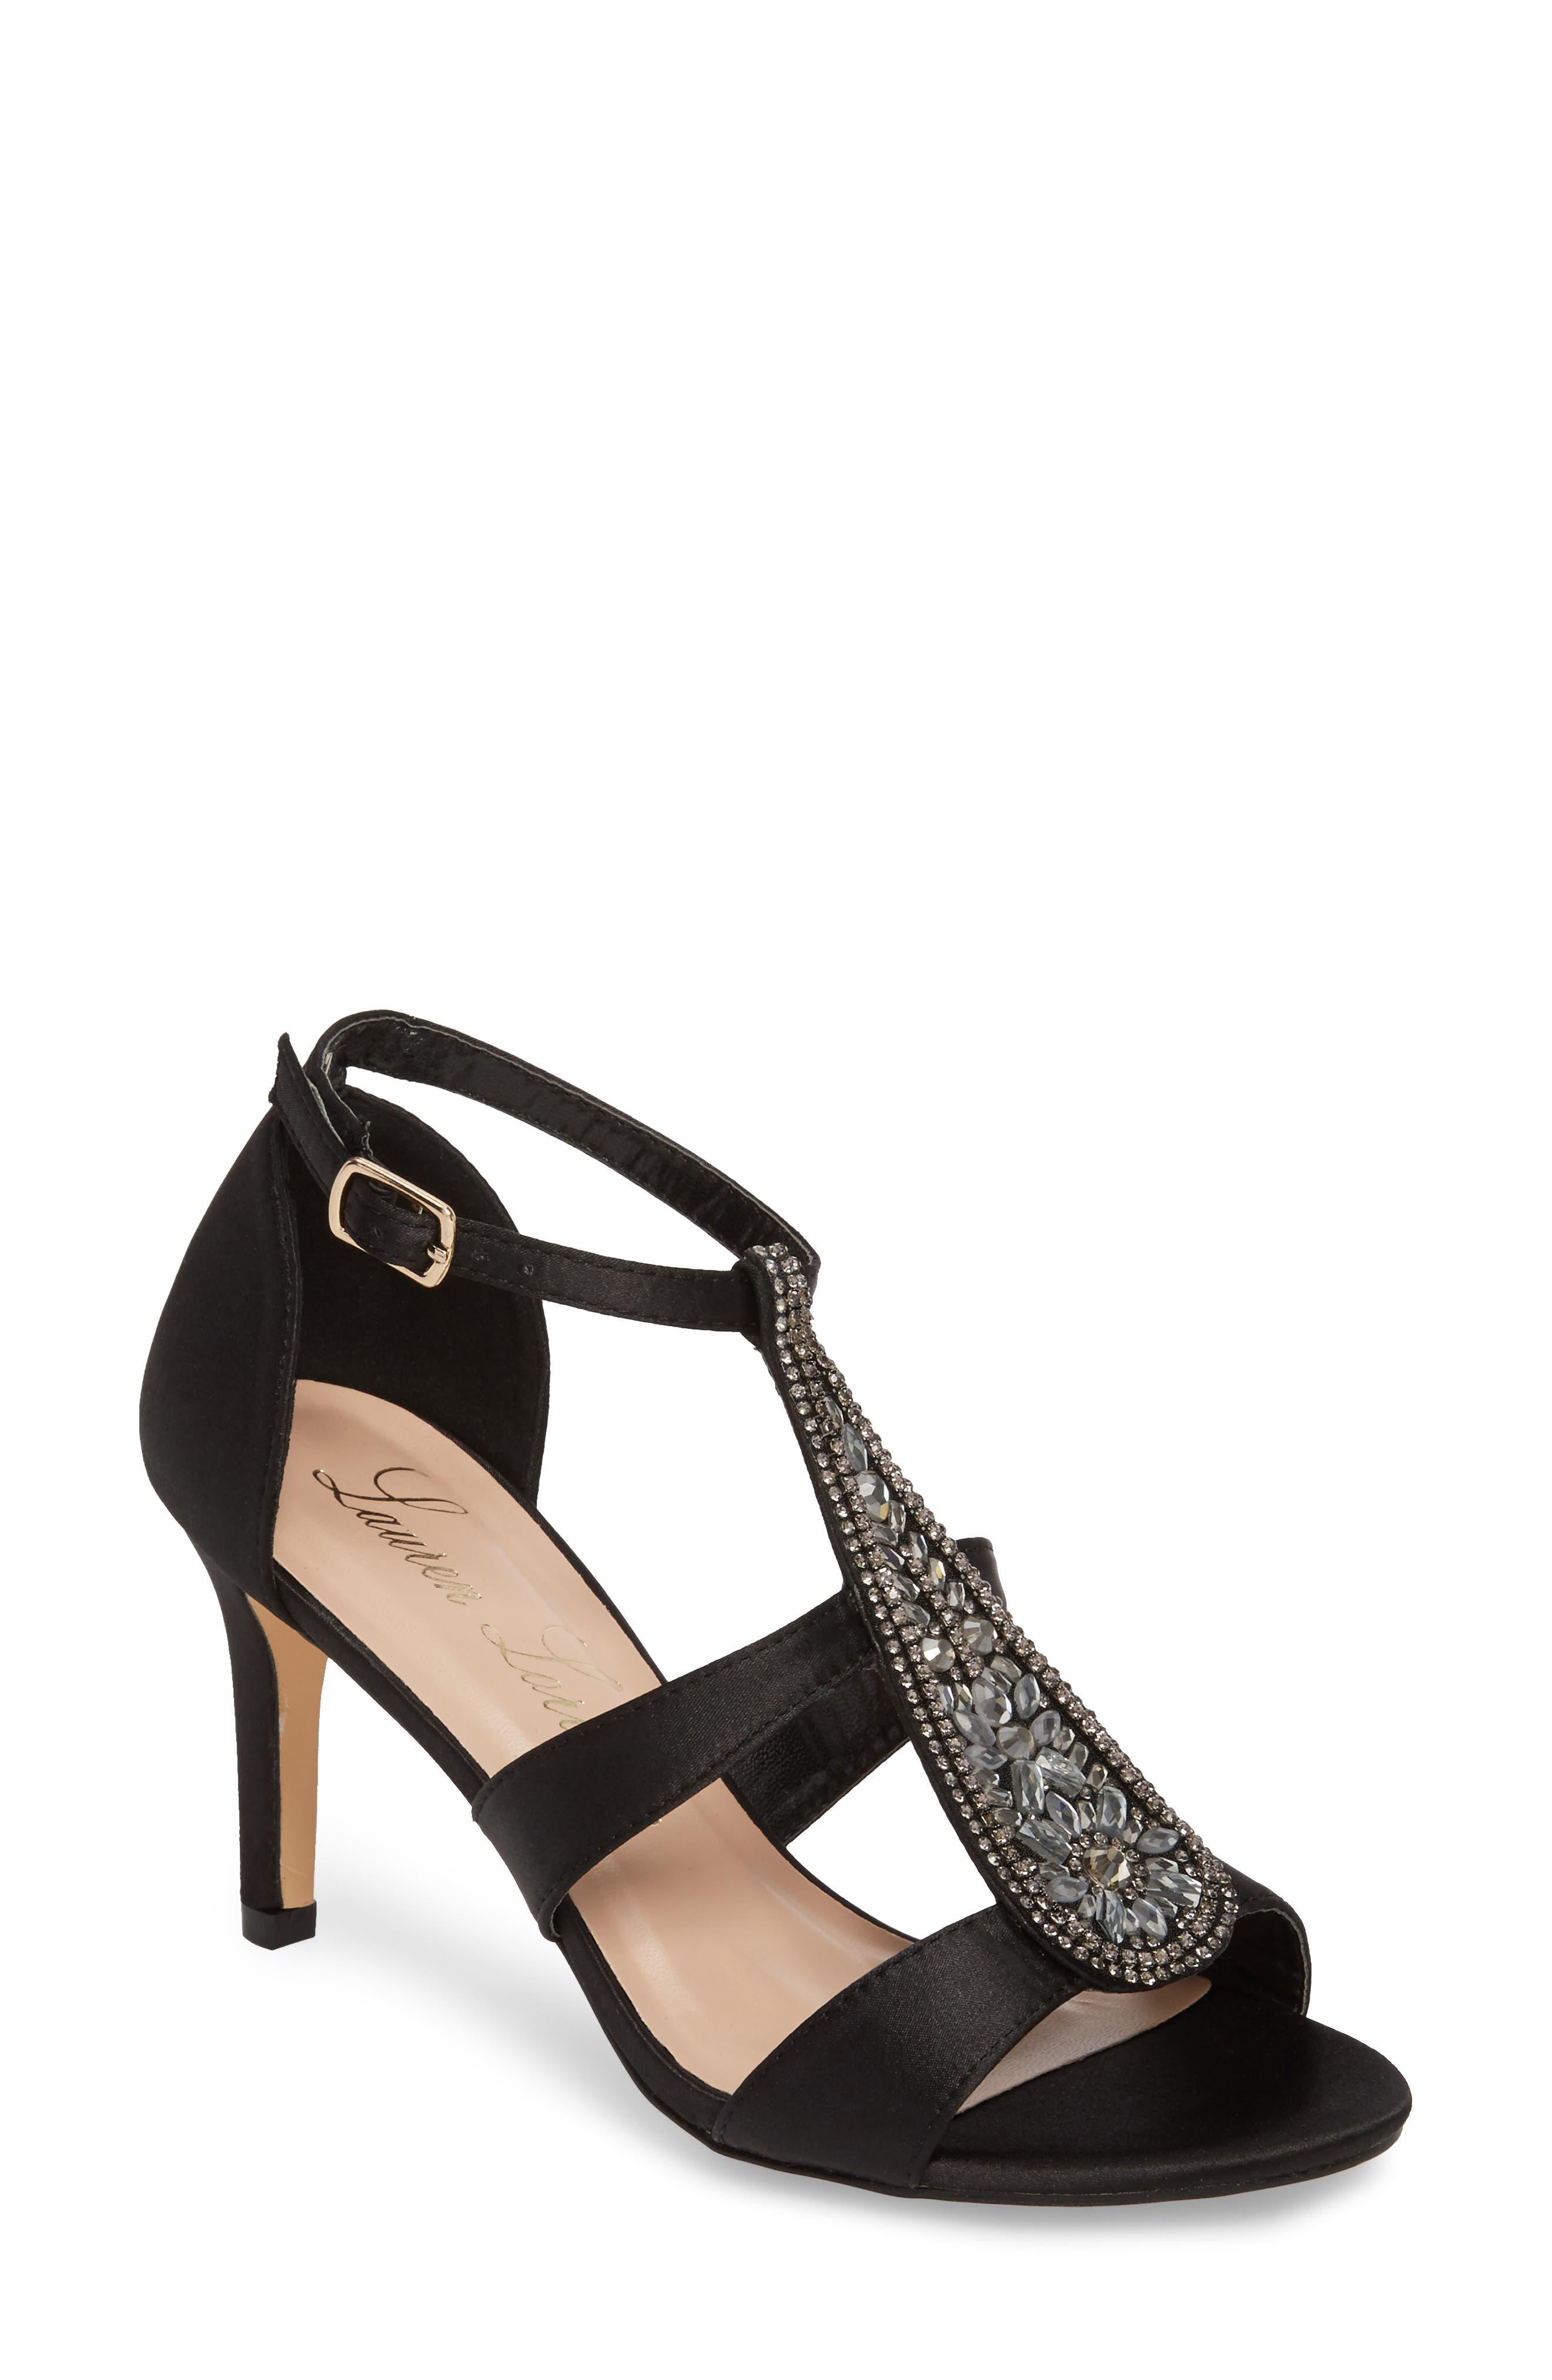 Ritz Crystal Embellished Sandal,                         Main,                         color, BLACK FABRIC